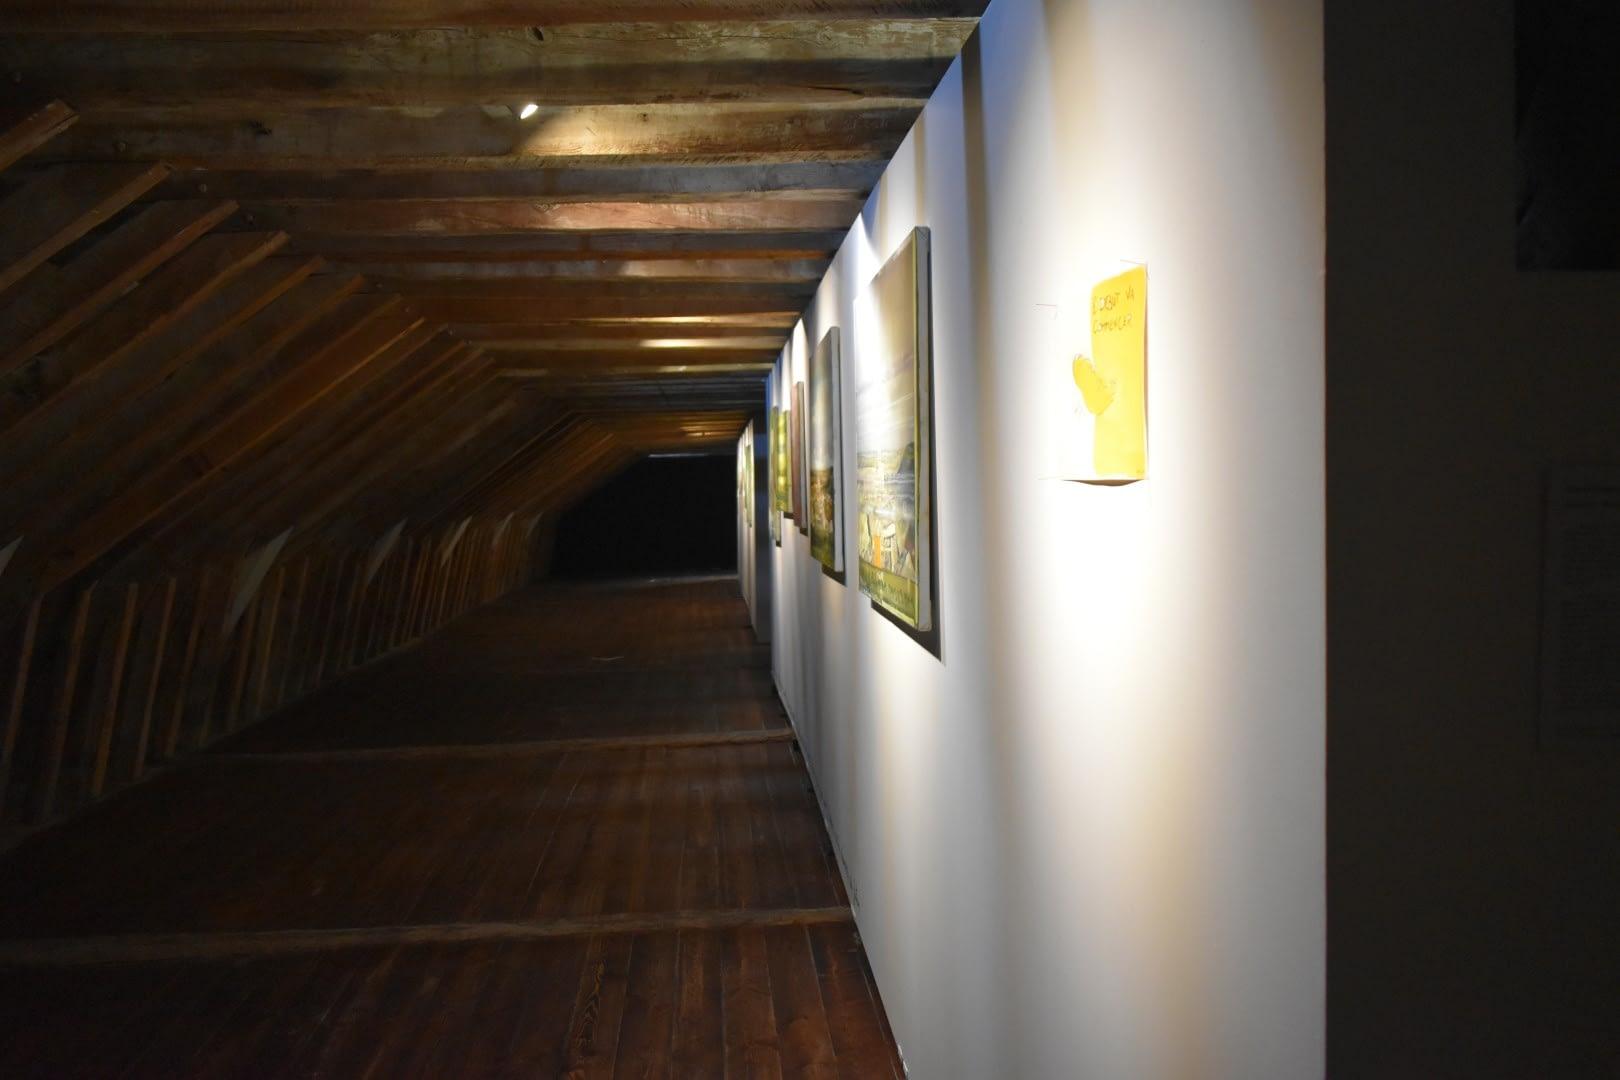 Musée de l'Abbaye Sainte-Croix, Rue de Verdun, Les Sables-d'Olonne